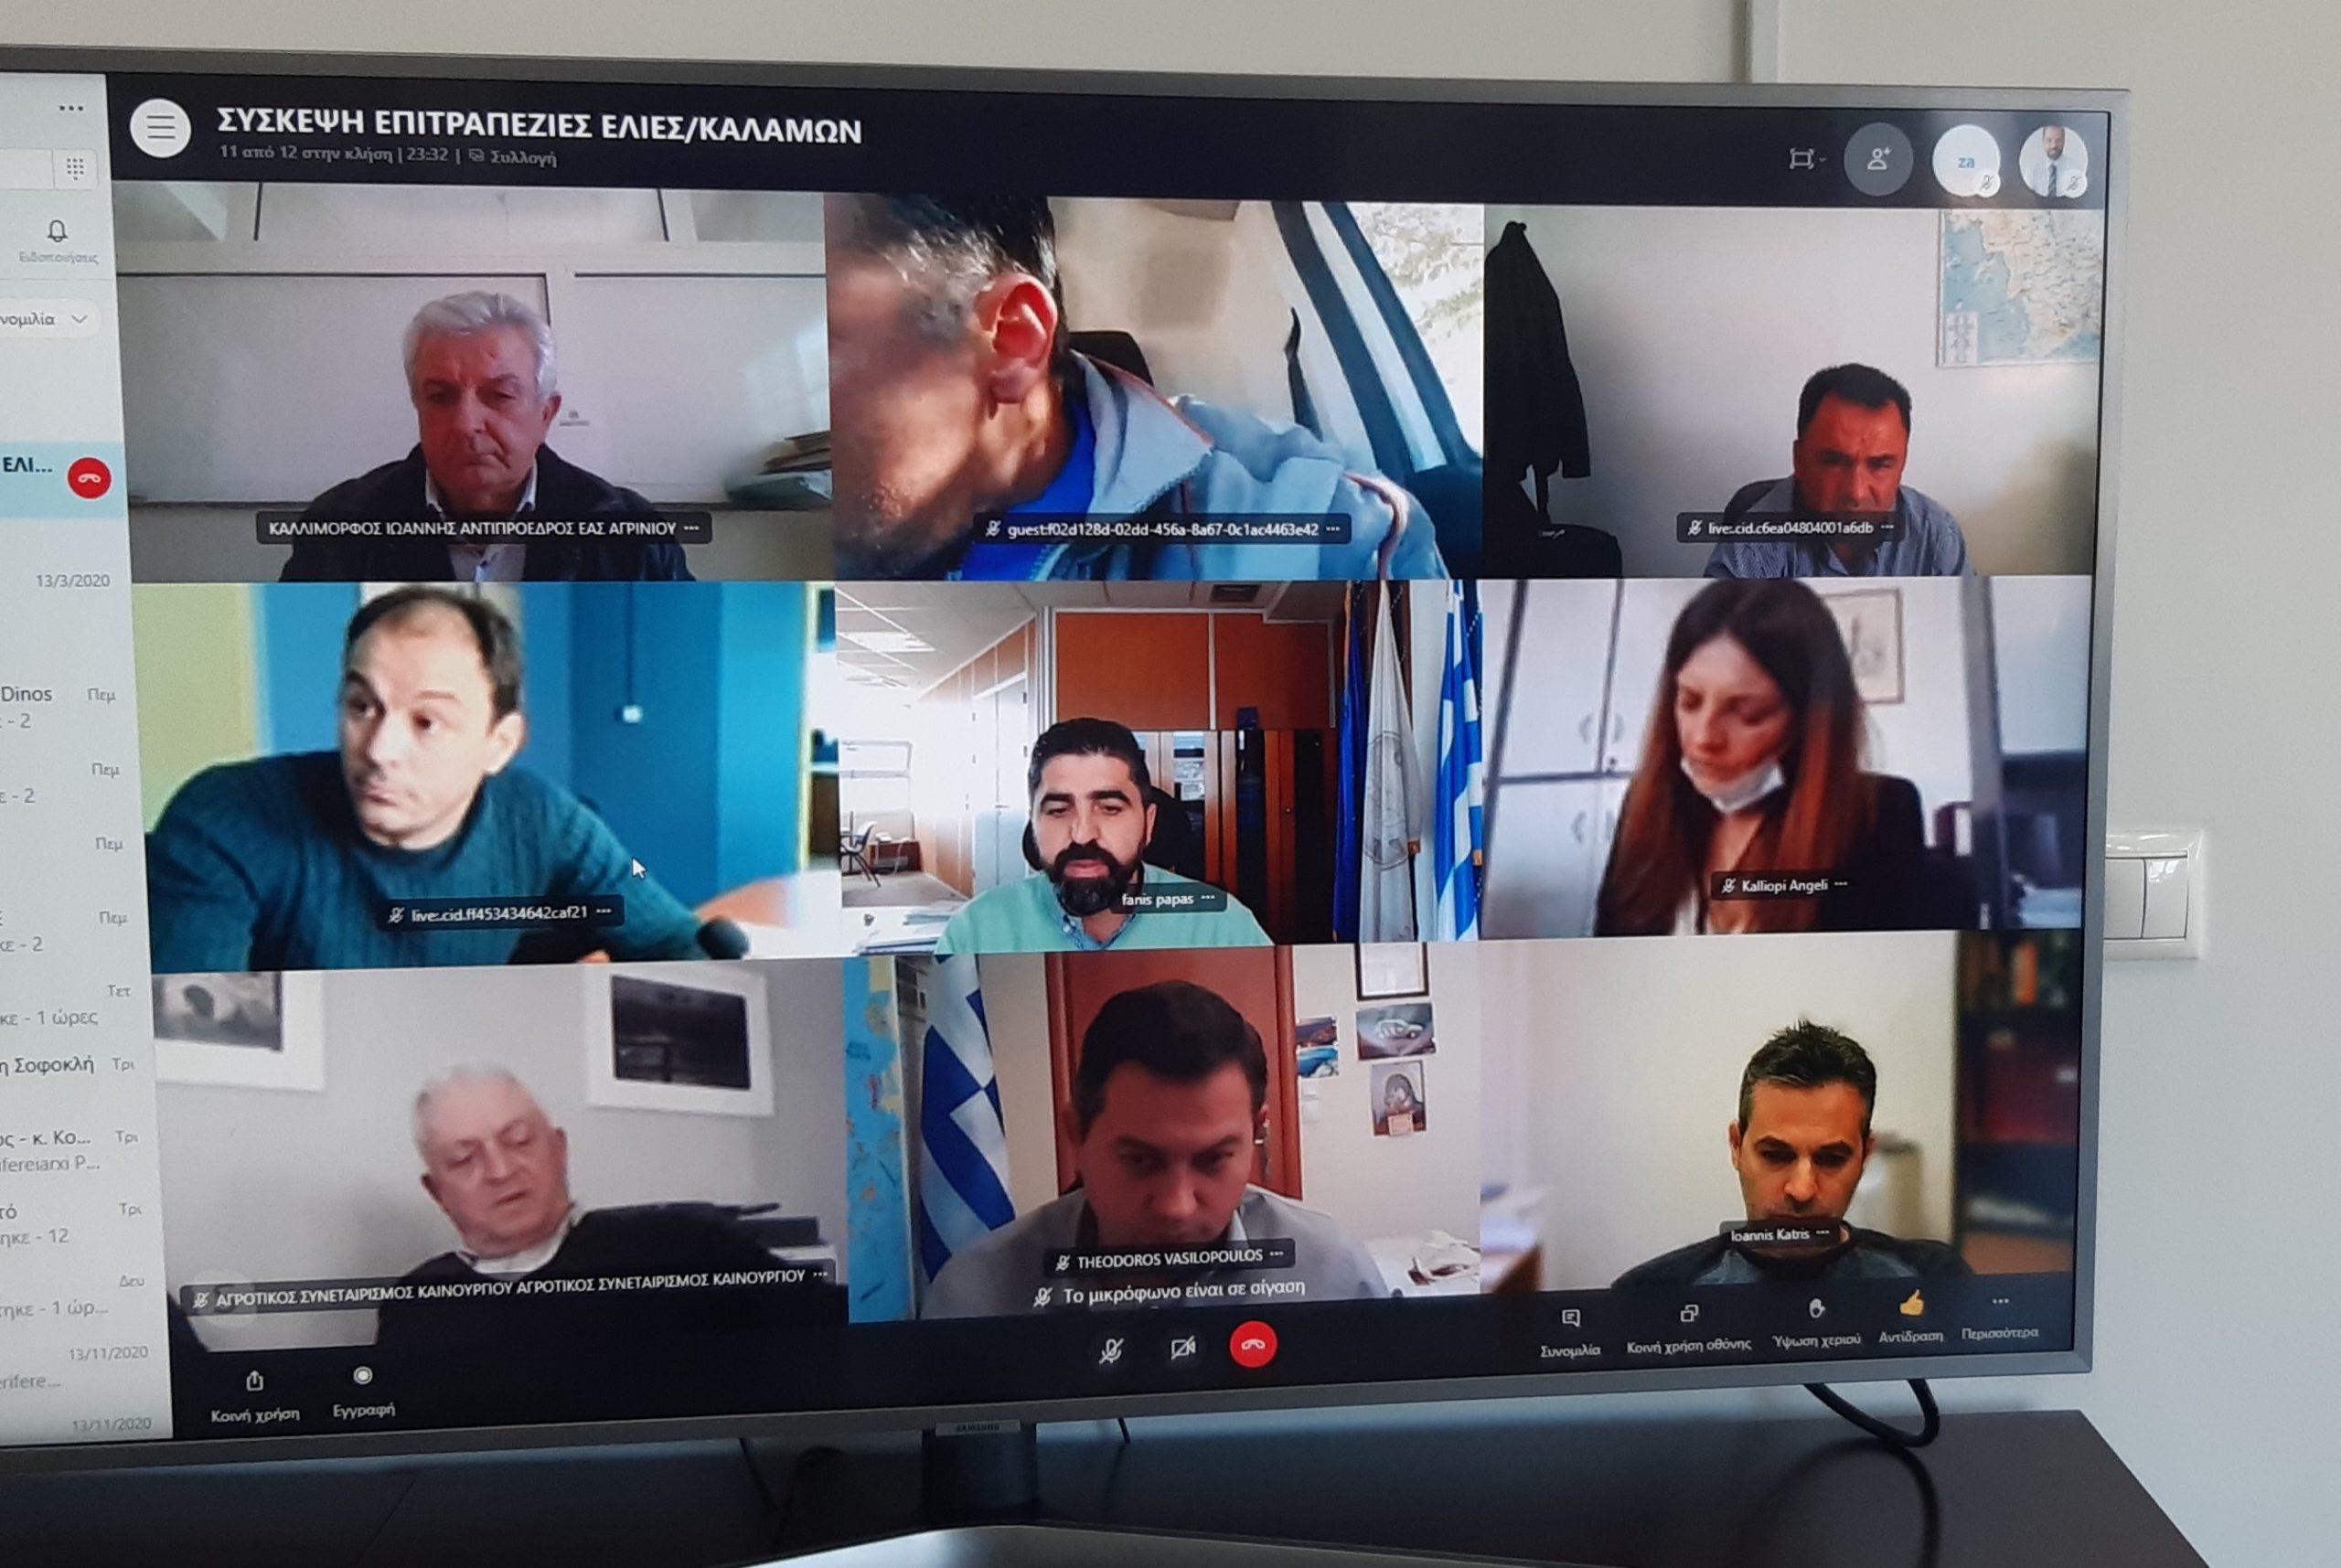 Τηλεδιάσκεψη της Περιφέρειας Δυτικής Ελλάδας με τη συμμετοχή του ΟΠΕΚΕΠΕ για τους παραγωγούς της ποικιλίας ελιάς καλαμών